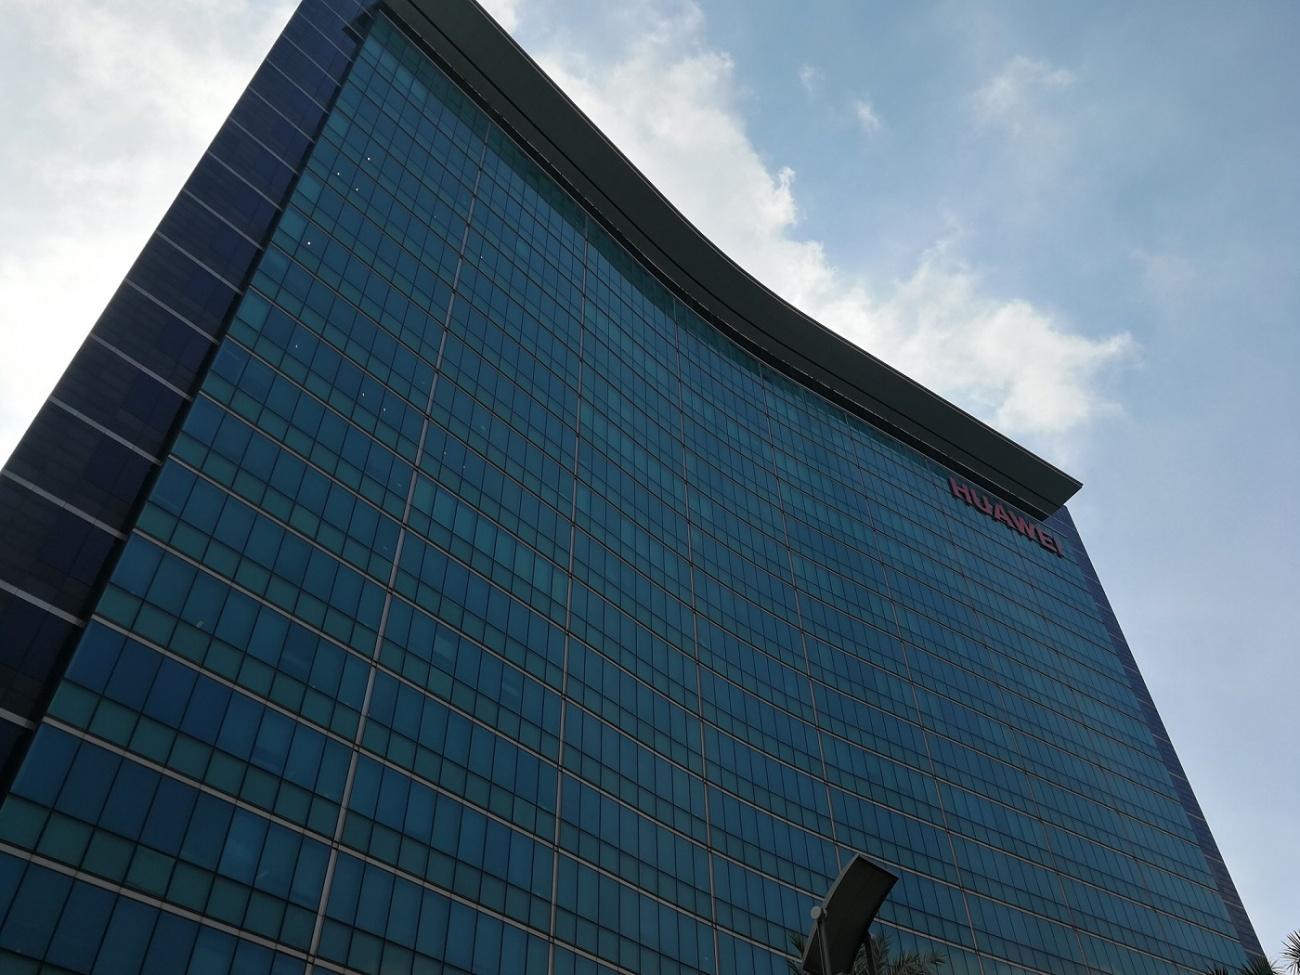 ¿Qué pasará el 19 de noviembre con Huawei?